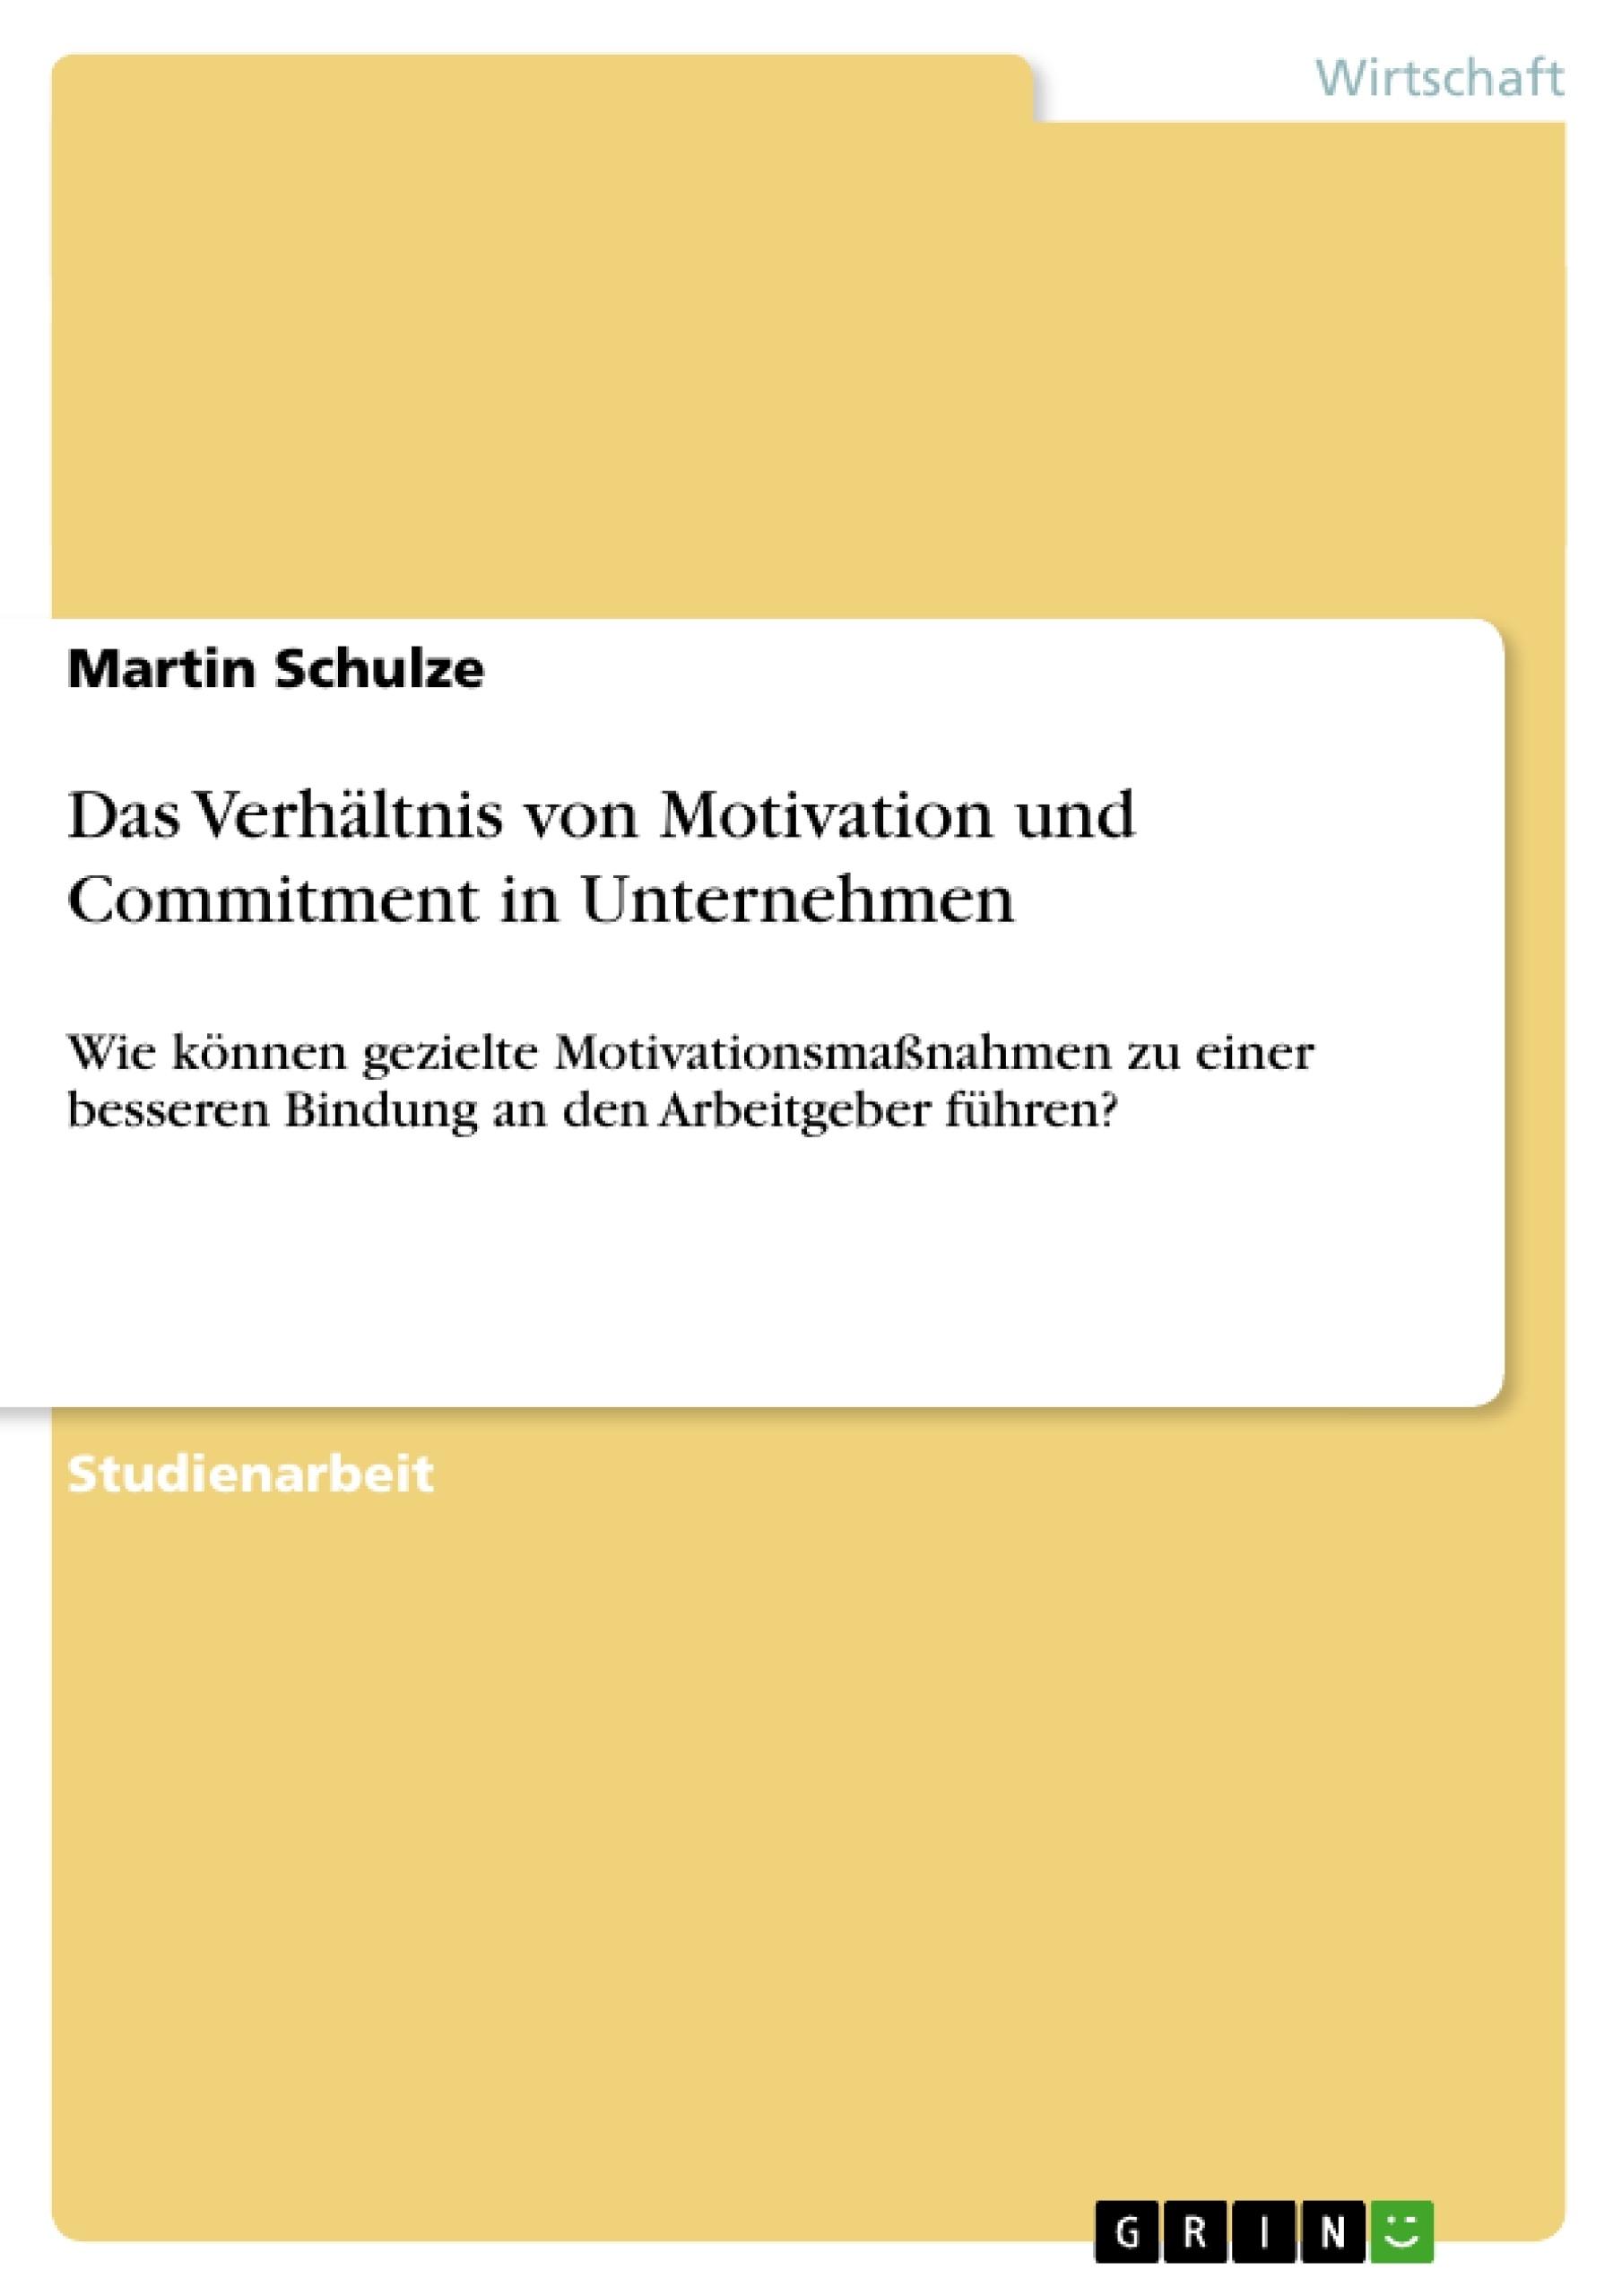 Titel: Das Verhältnis von Motivation und Commitment in Unternehmen